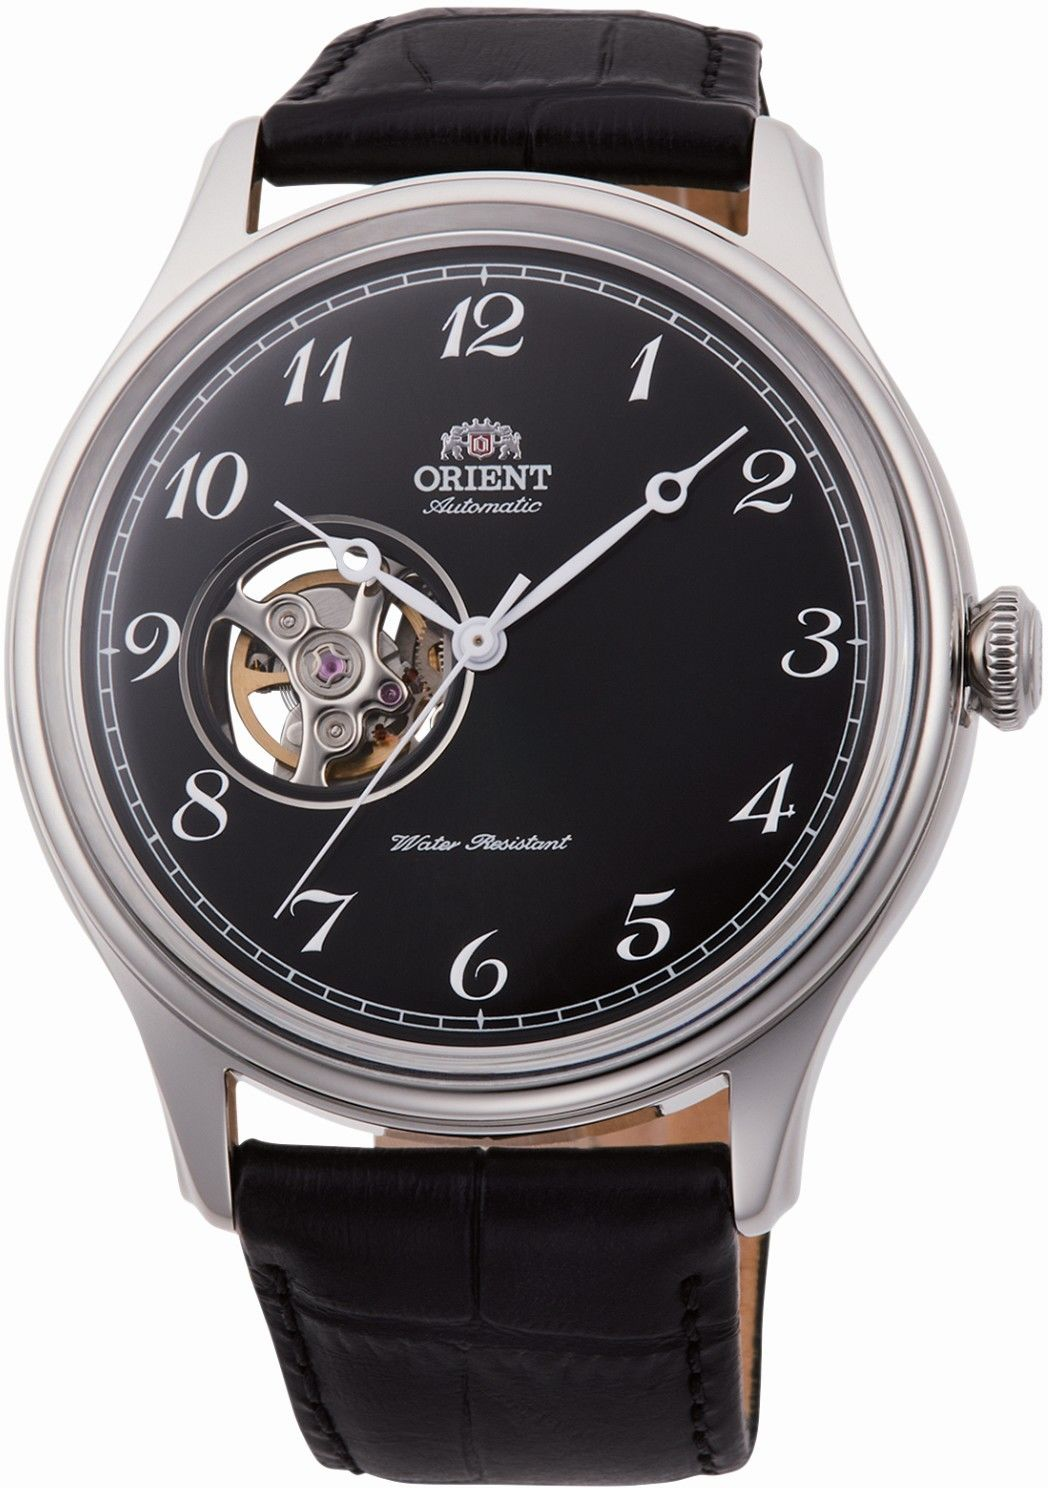 Zegarek Orient RA-AG0016B10B - CENA DO NEGOCJACJI - DOSTAWA DHL GRATIS, KUPUJ BEZ RYZYKA - 100 dni na zwrot, możliwość wygrawerowania dowolnego tekstu.